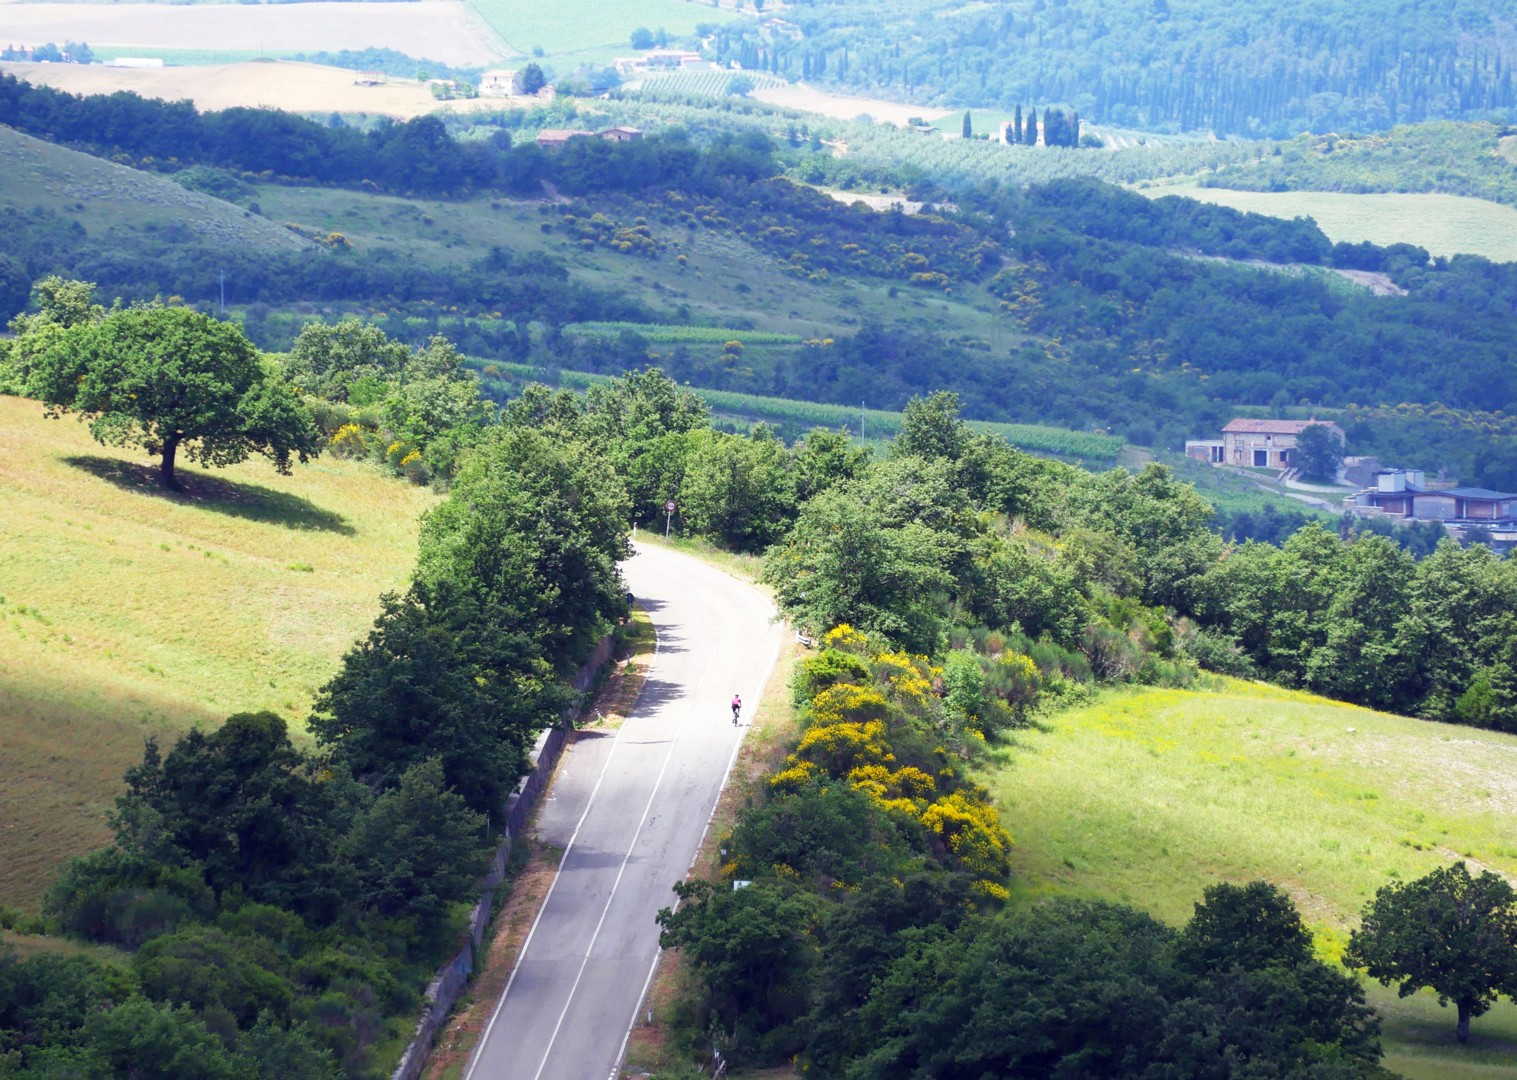 road-cycling-tuscany-italy.jpg - Italy - Tuscany Tourer - Guided Road Cycling Holiday - Italia Road Cycling